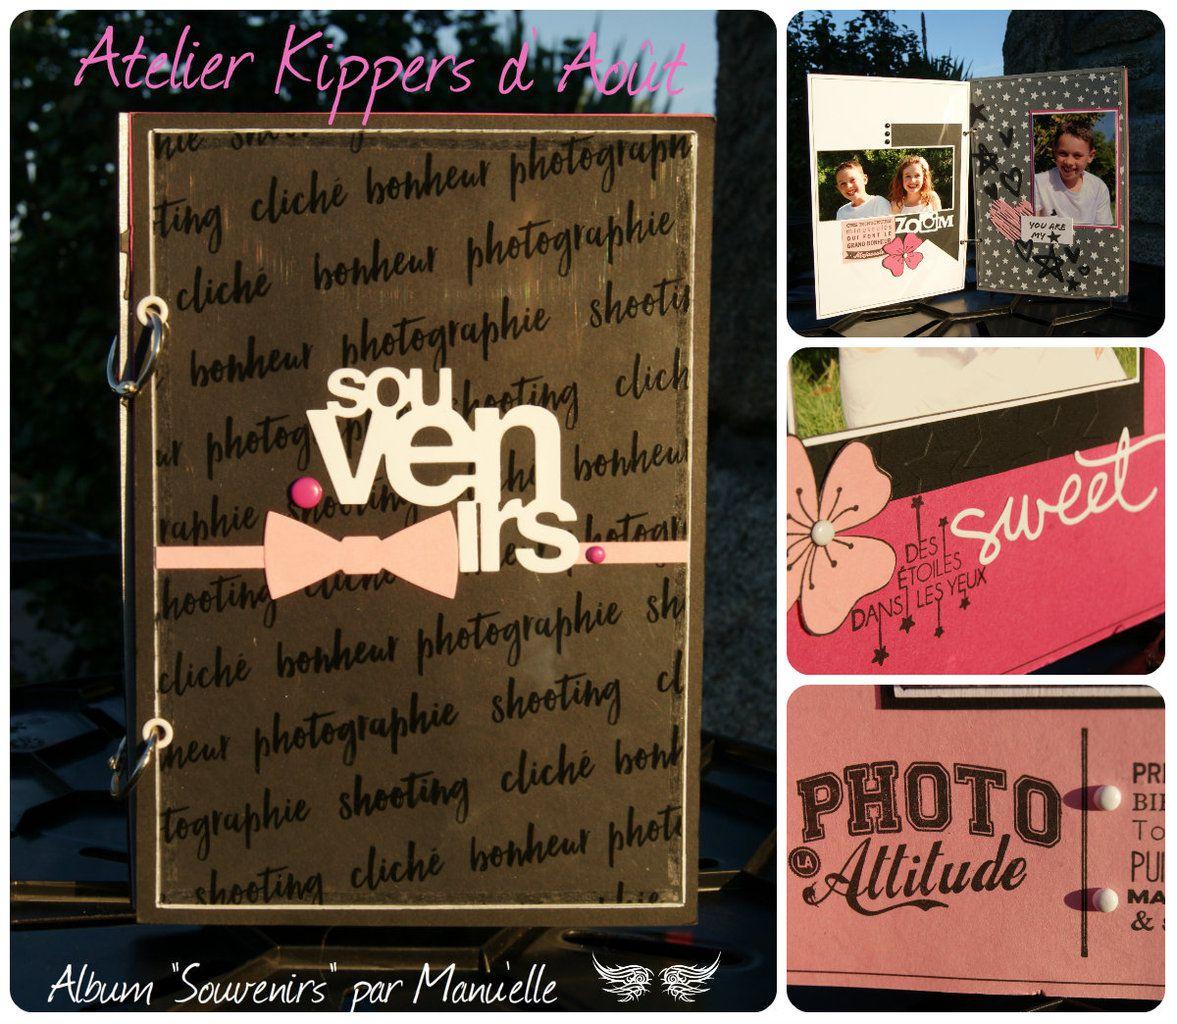 Atelier Kippers d'août : &quot&#x3B;Souvenirs&quot&#x3B;